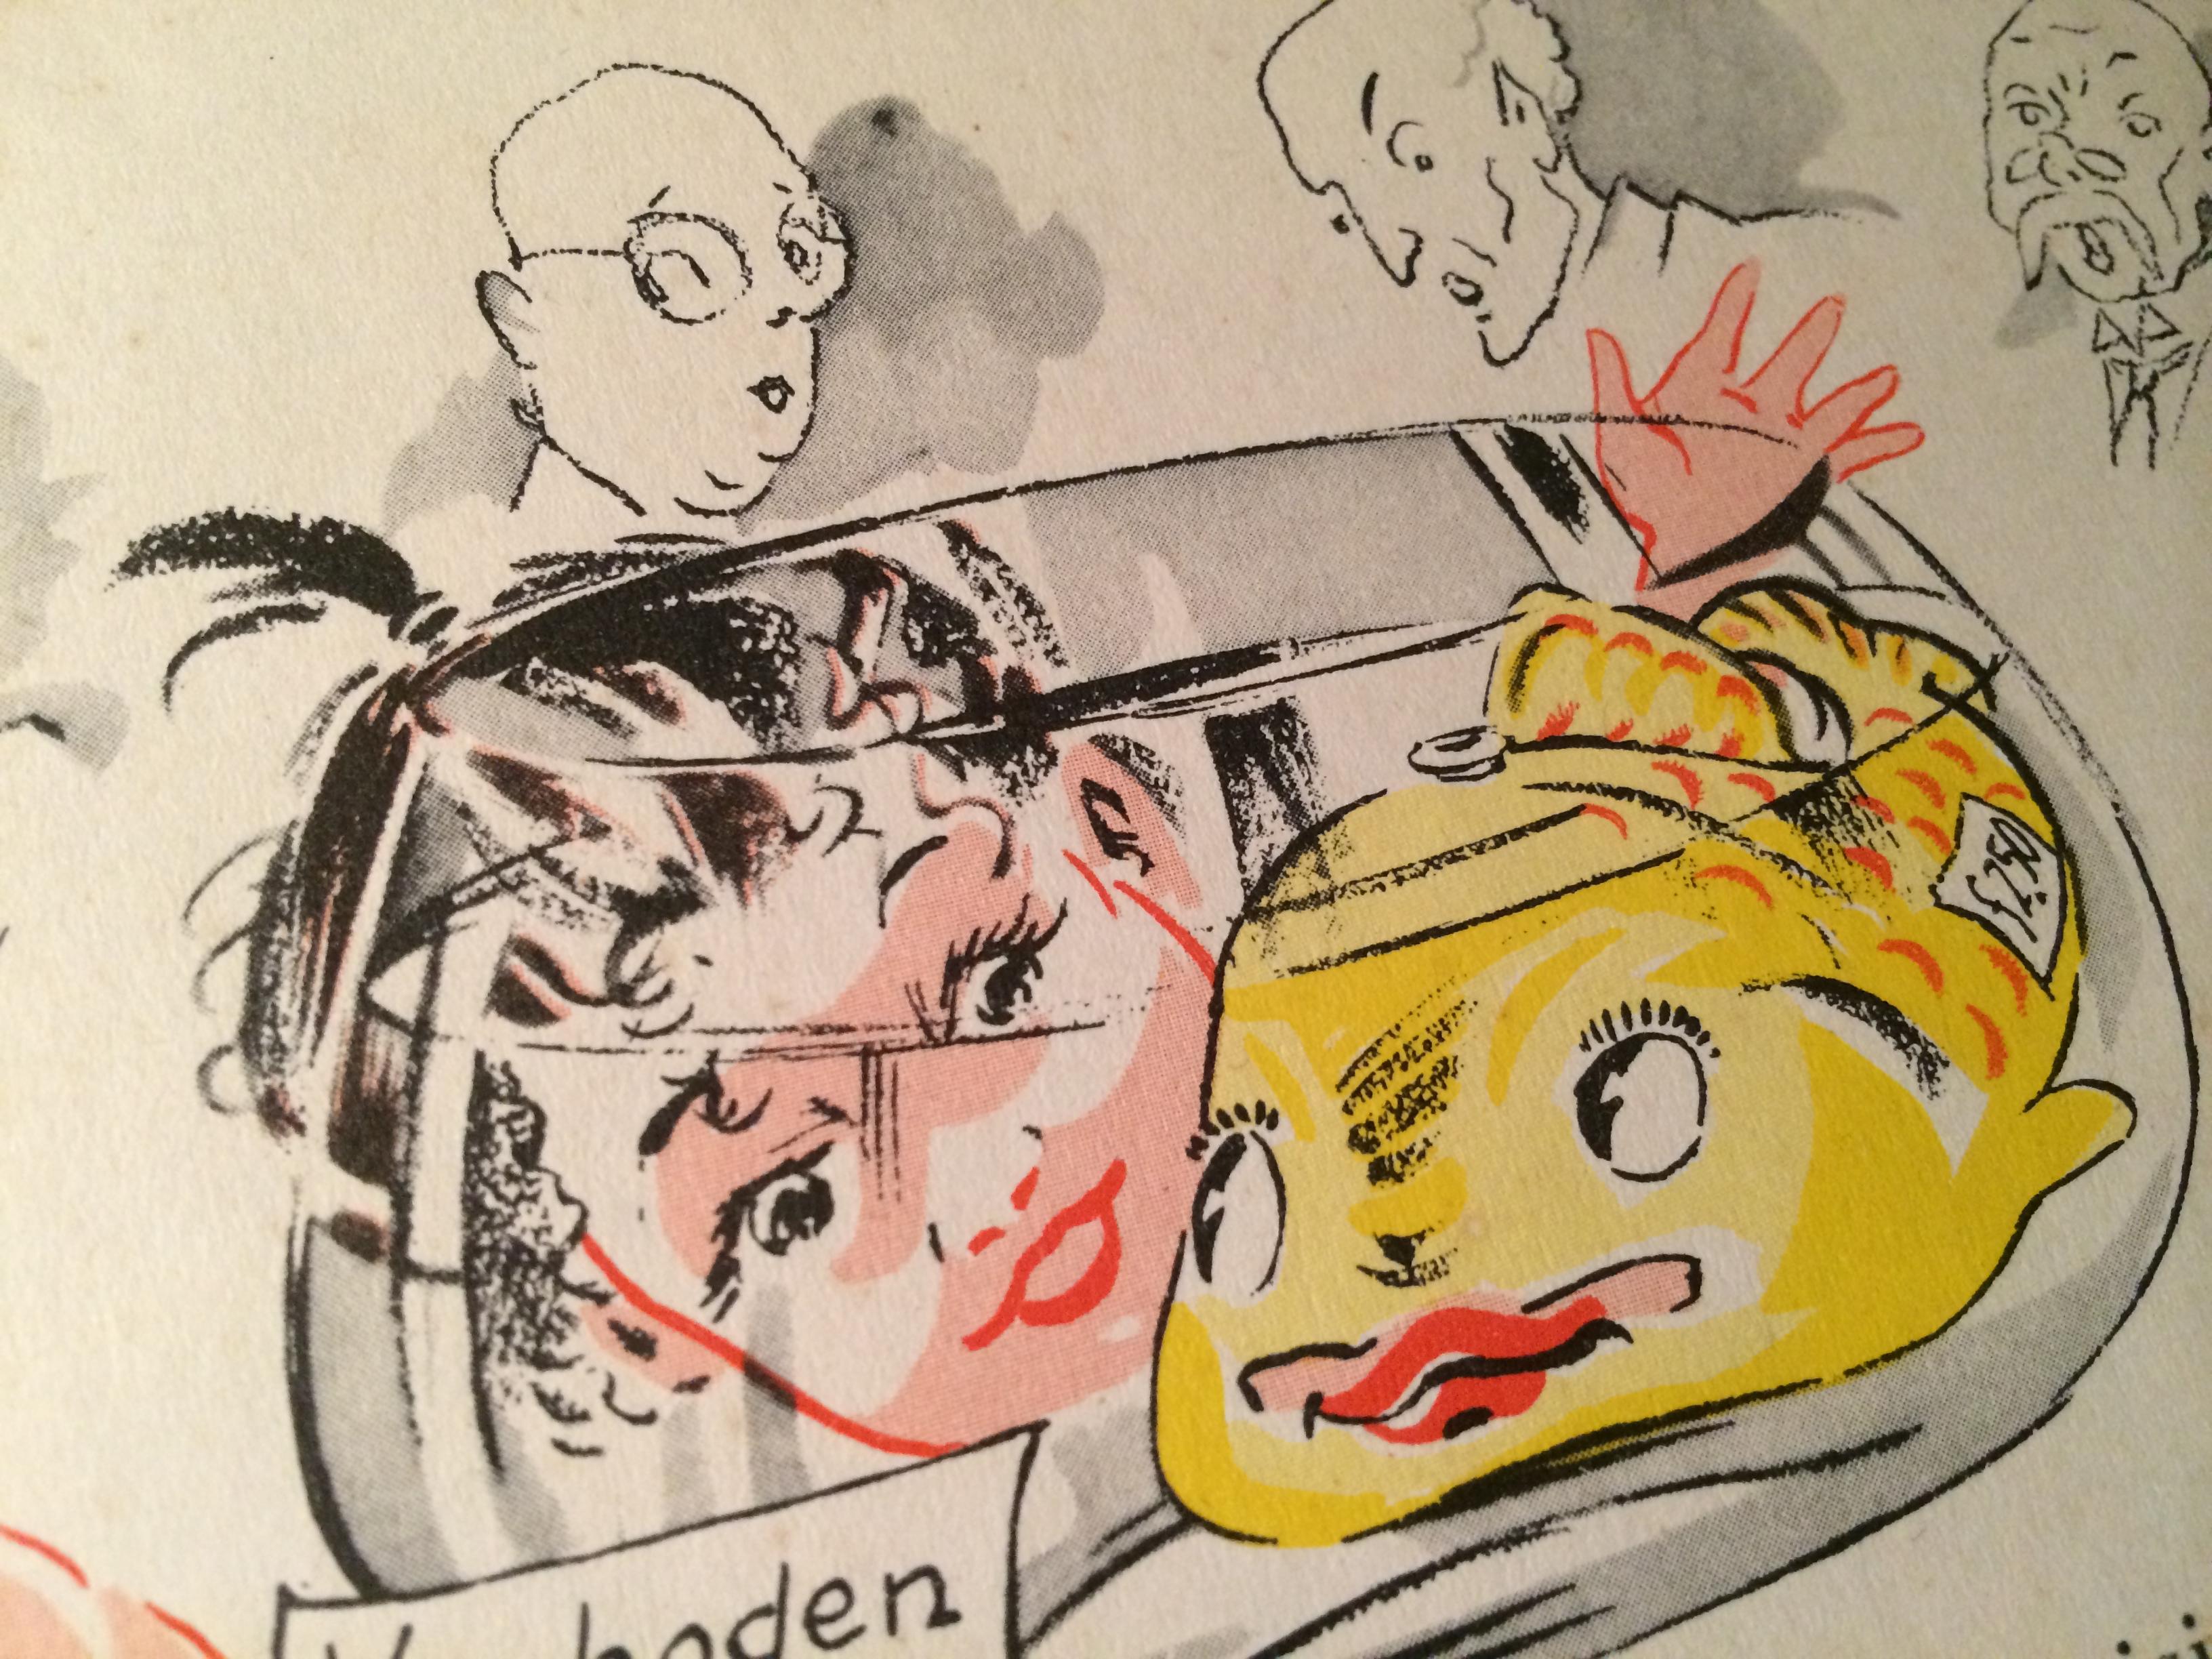 Uit de ontevreden vis, tekening Jaap Pander, verhaal Godfried Bomans